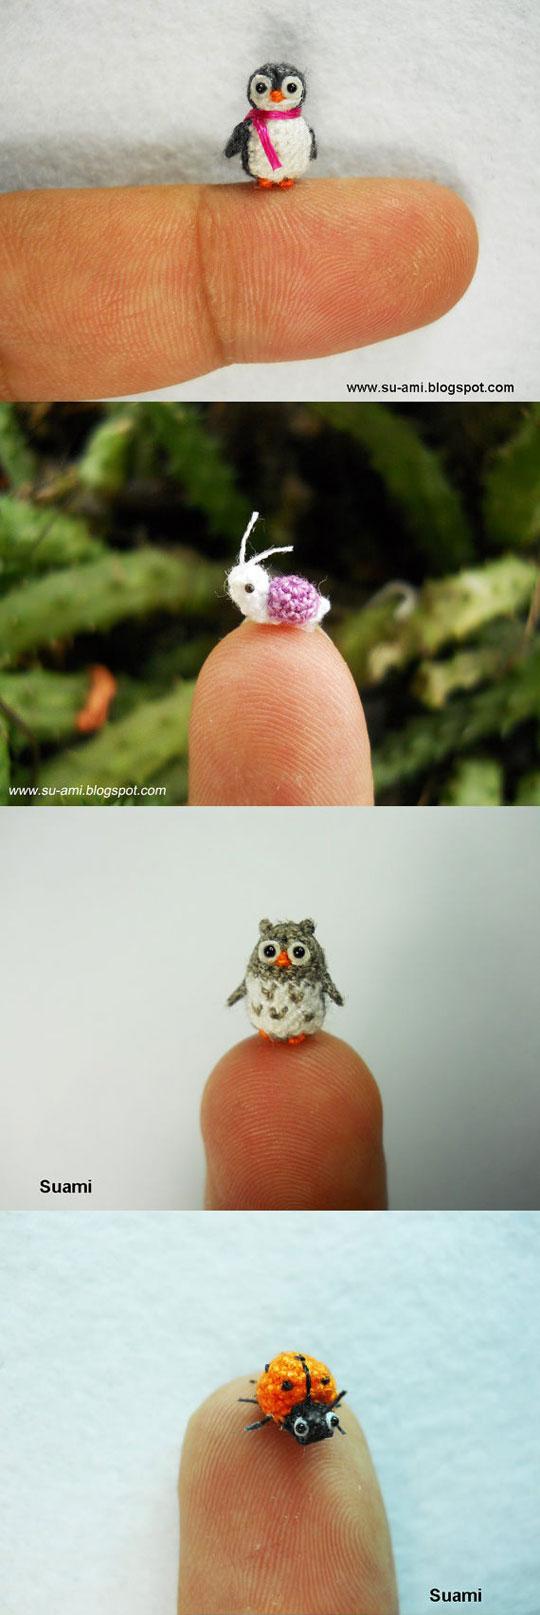 Tiny Animals By Suami